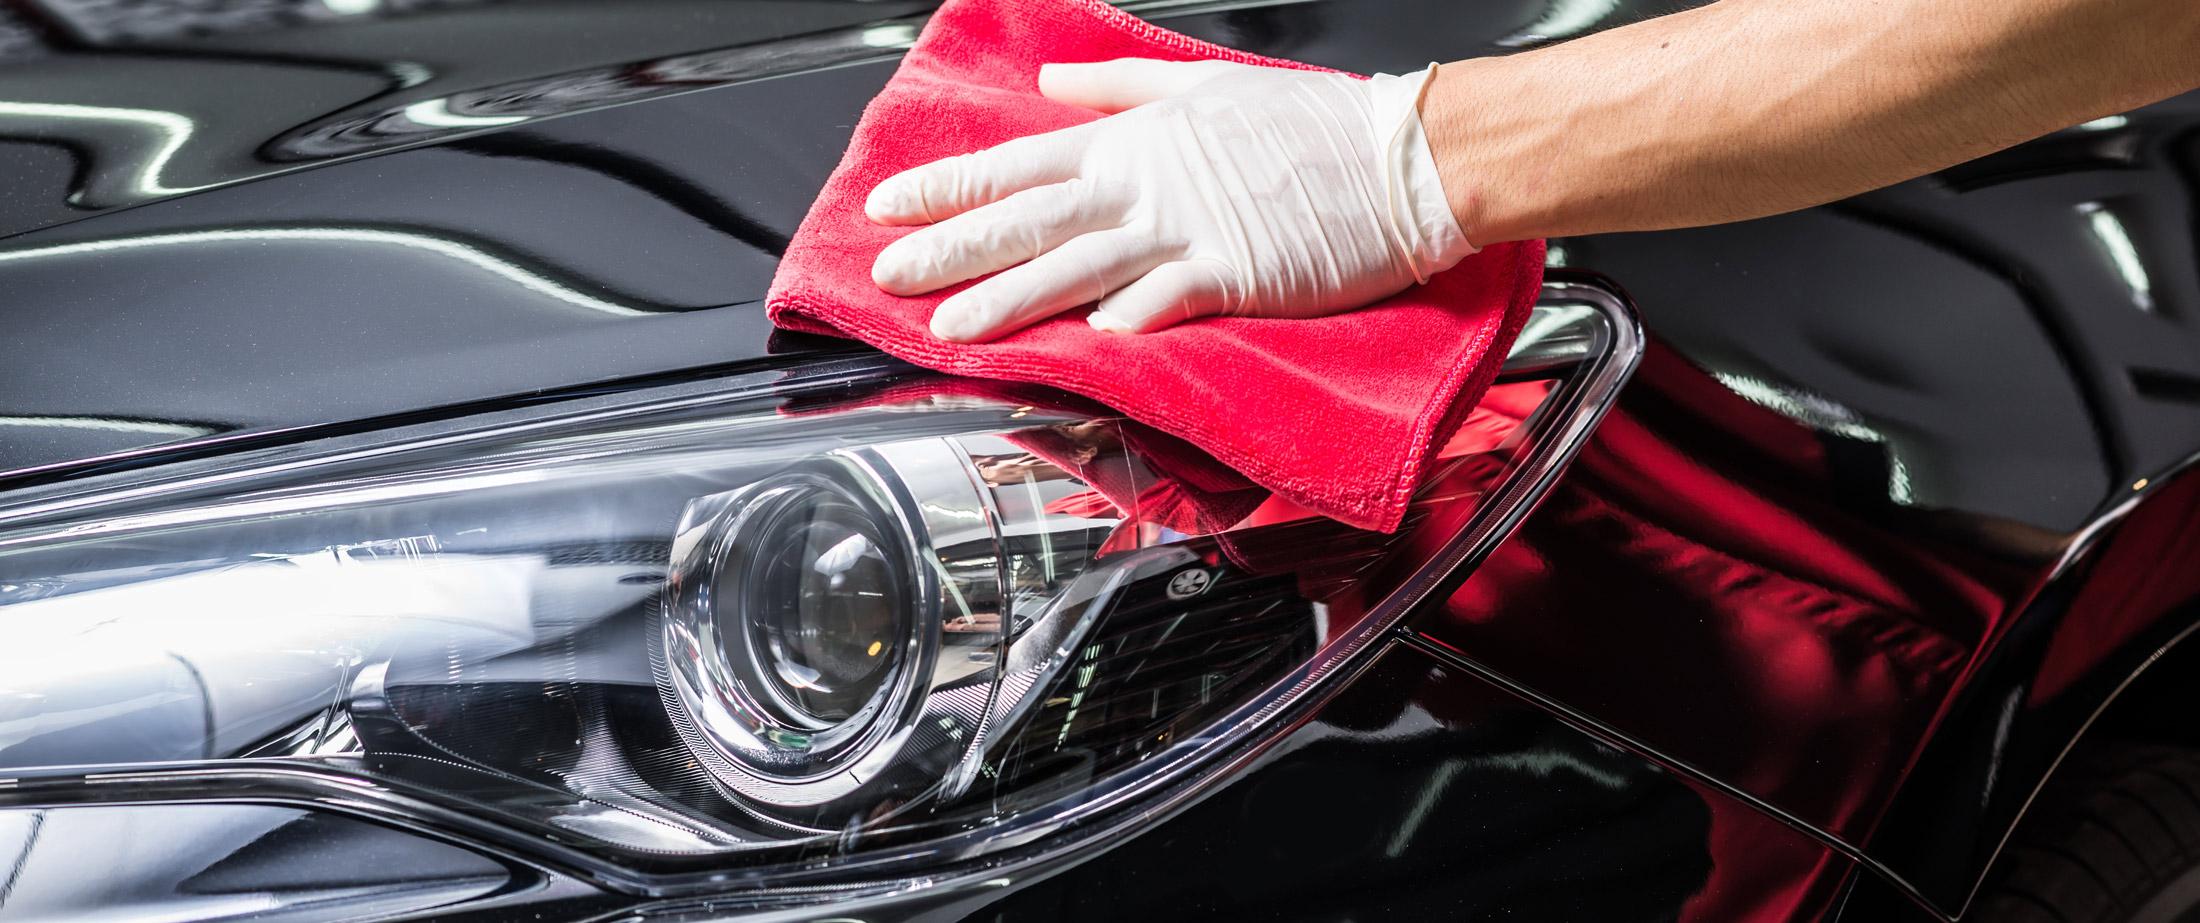 Autopolitur online kaufen im Autopflege-Onlineshop